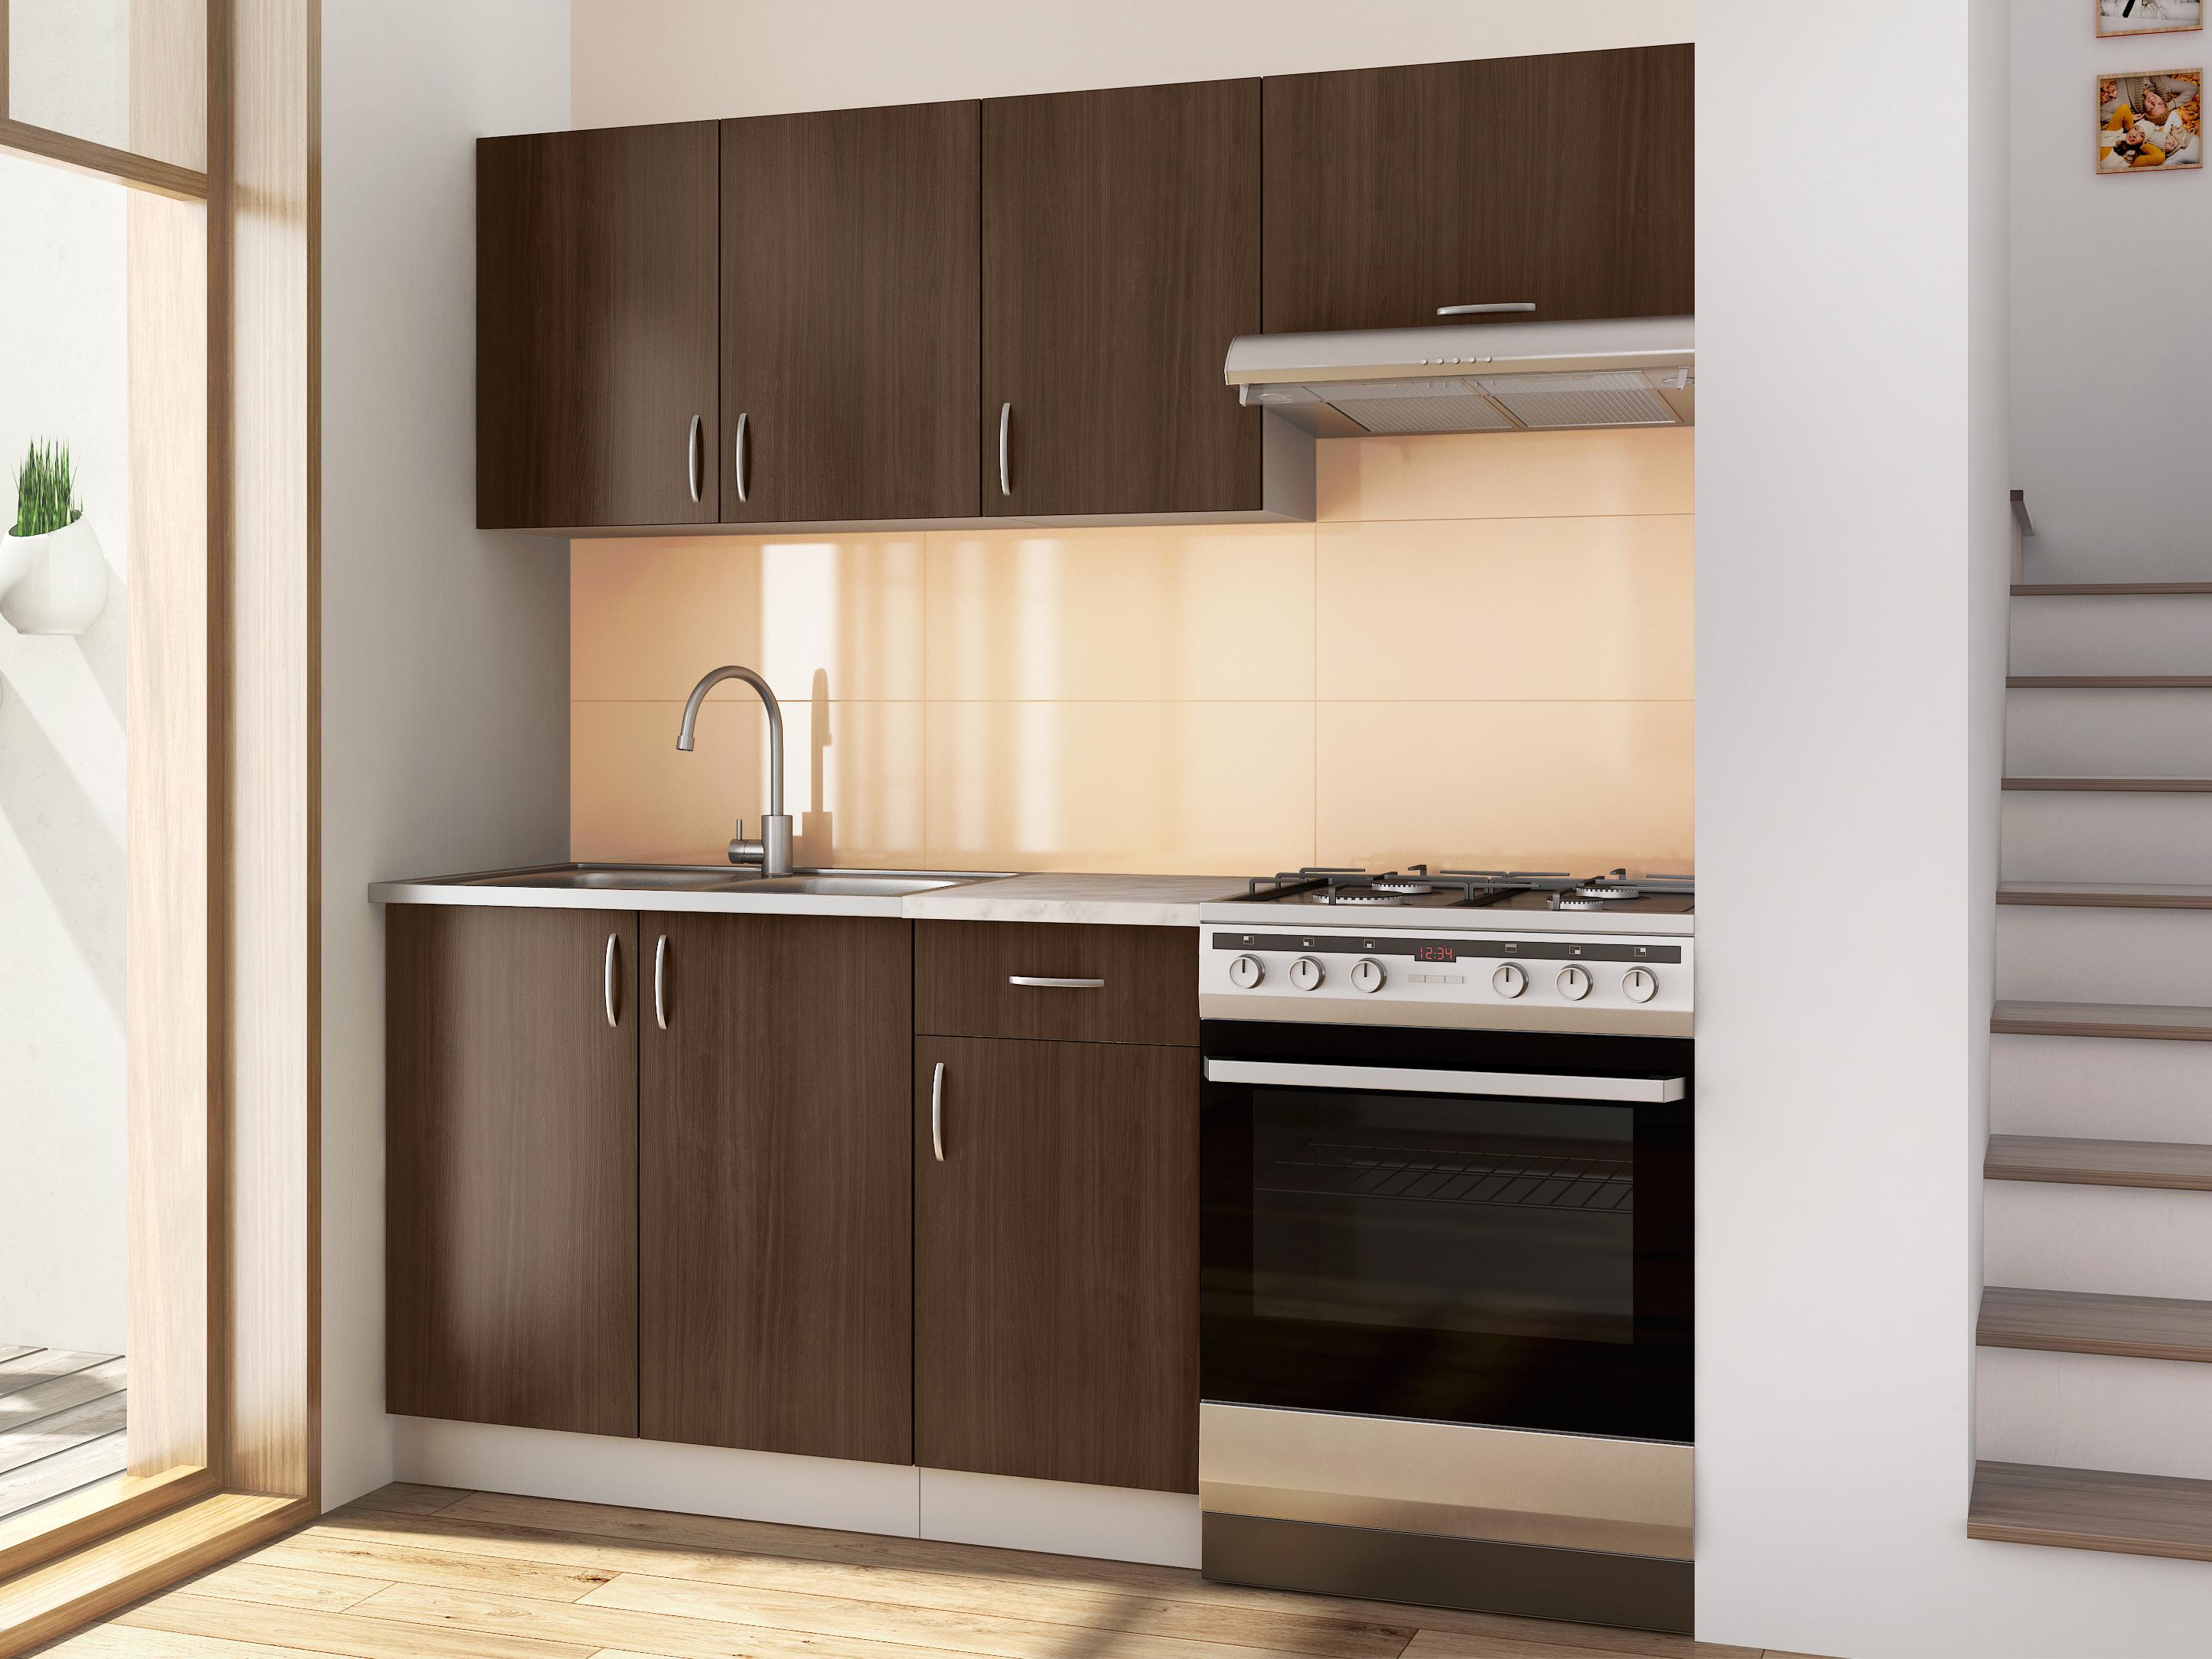 Kuchyně - Famm - Renata 180 cm